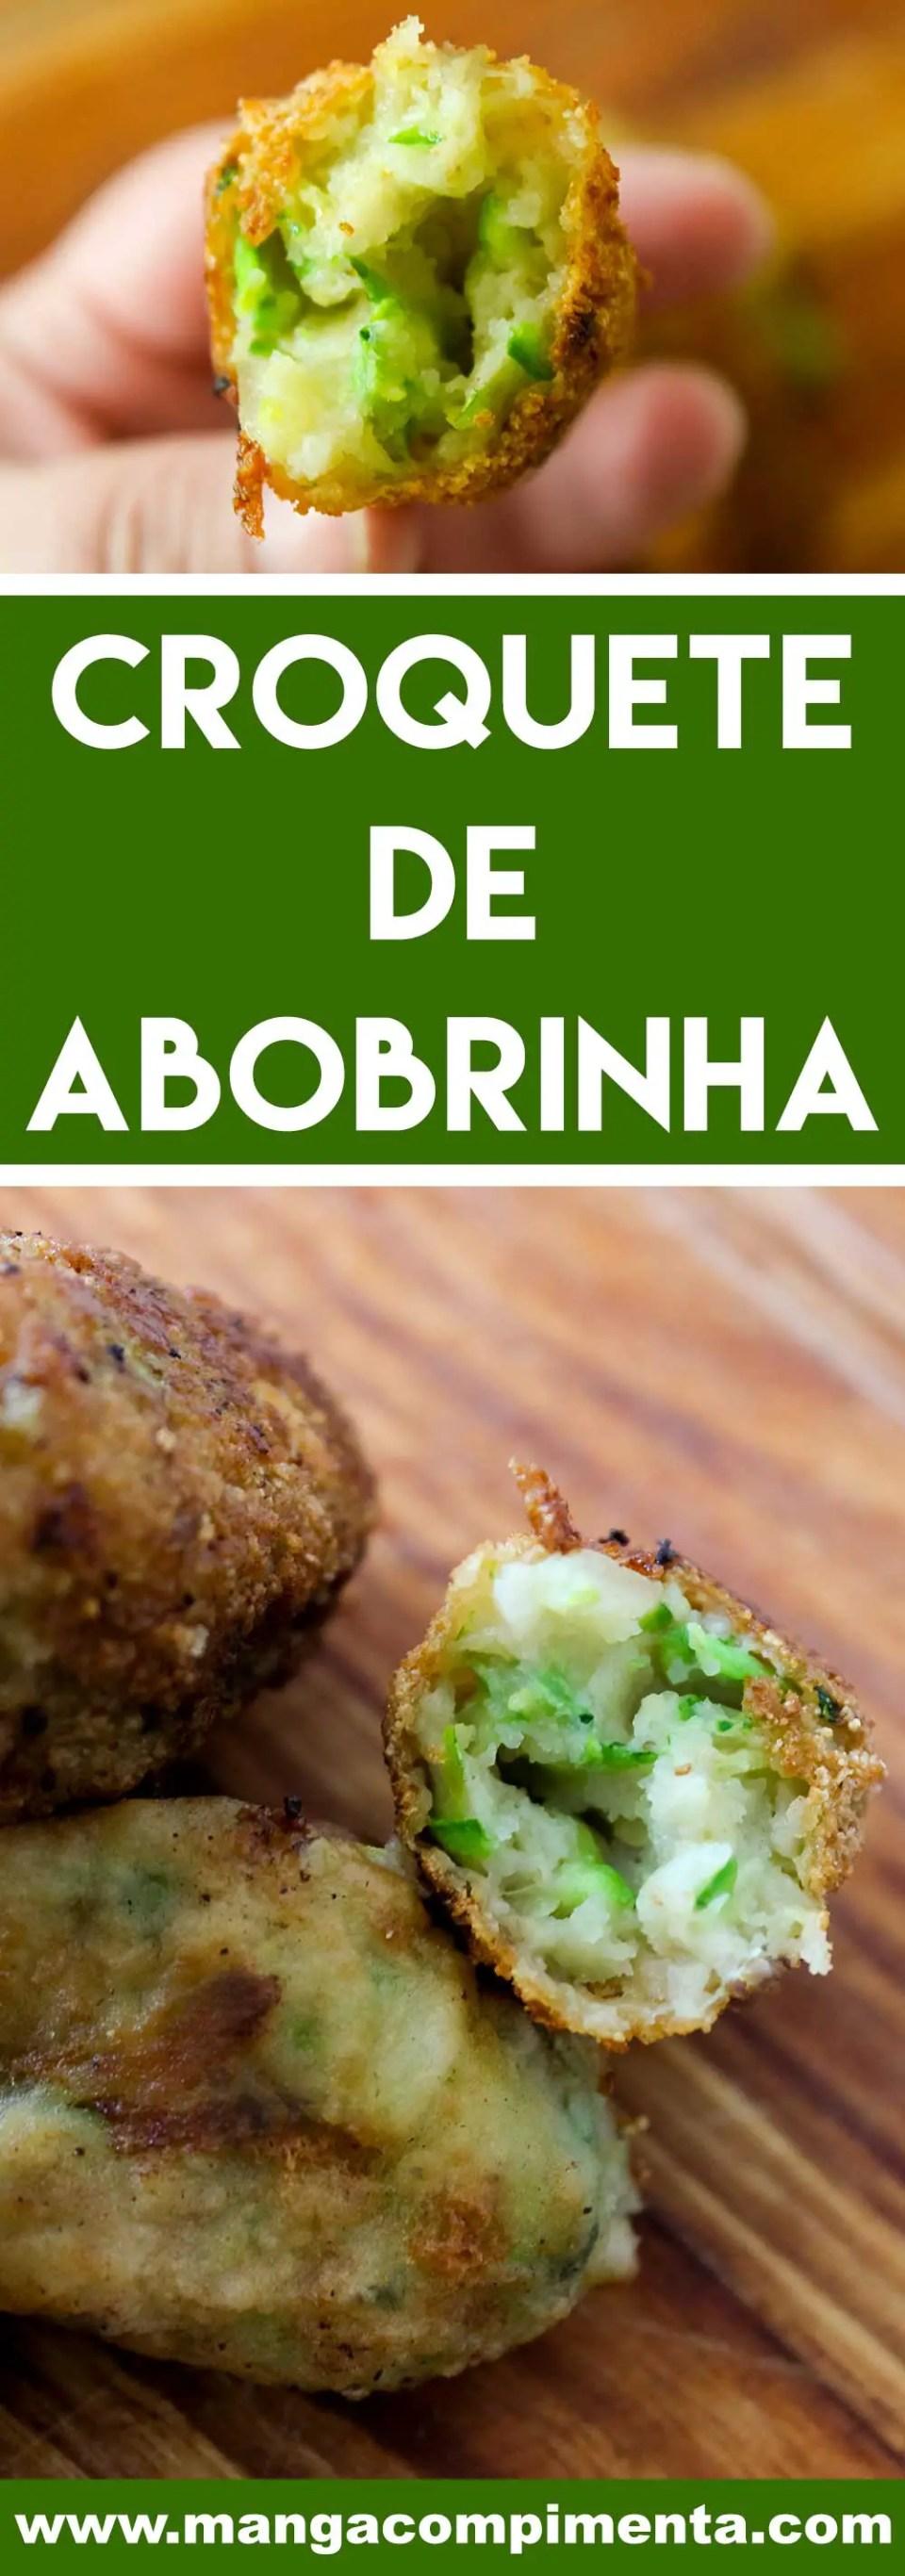 Receita de Croquete de Abobrinha - um petisco delicioso para o final de semana com os amigos!